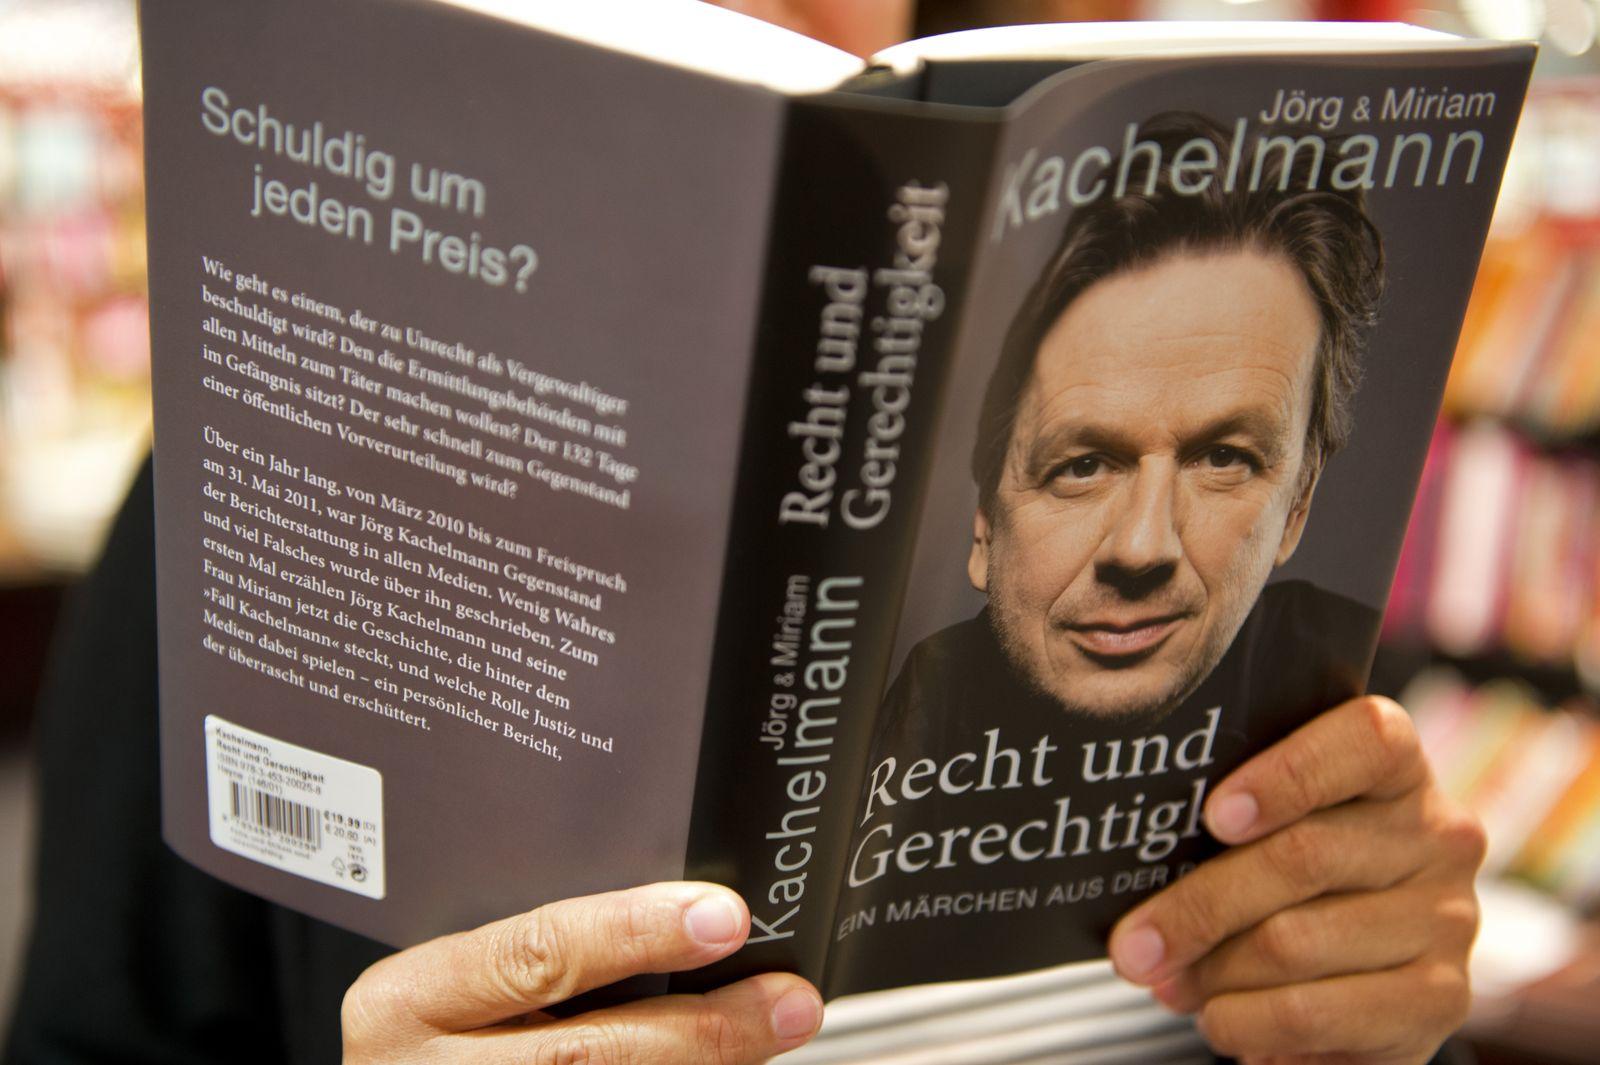 NICHT VERWENDEN Kachelmann Buch